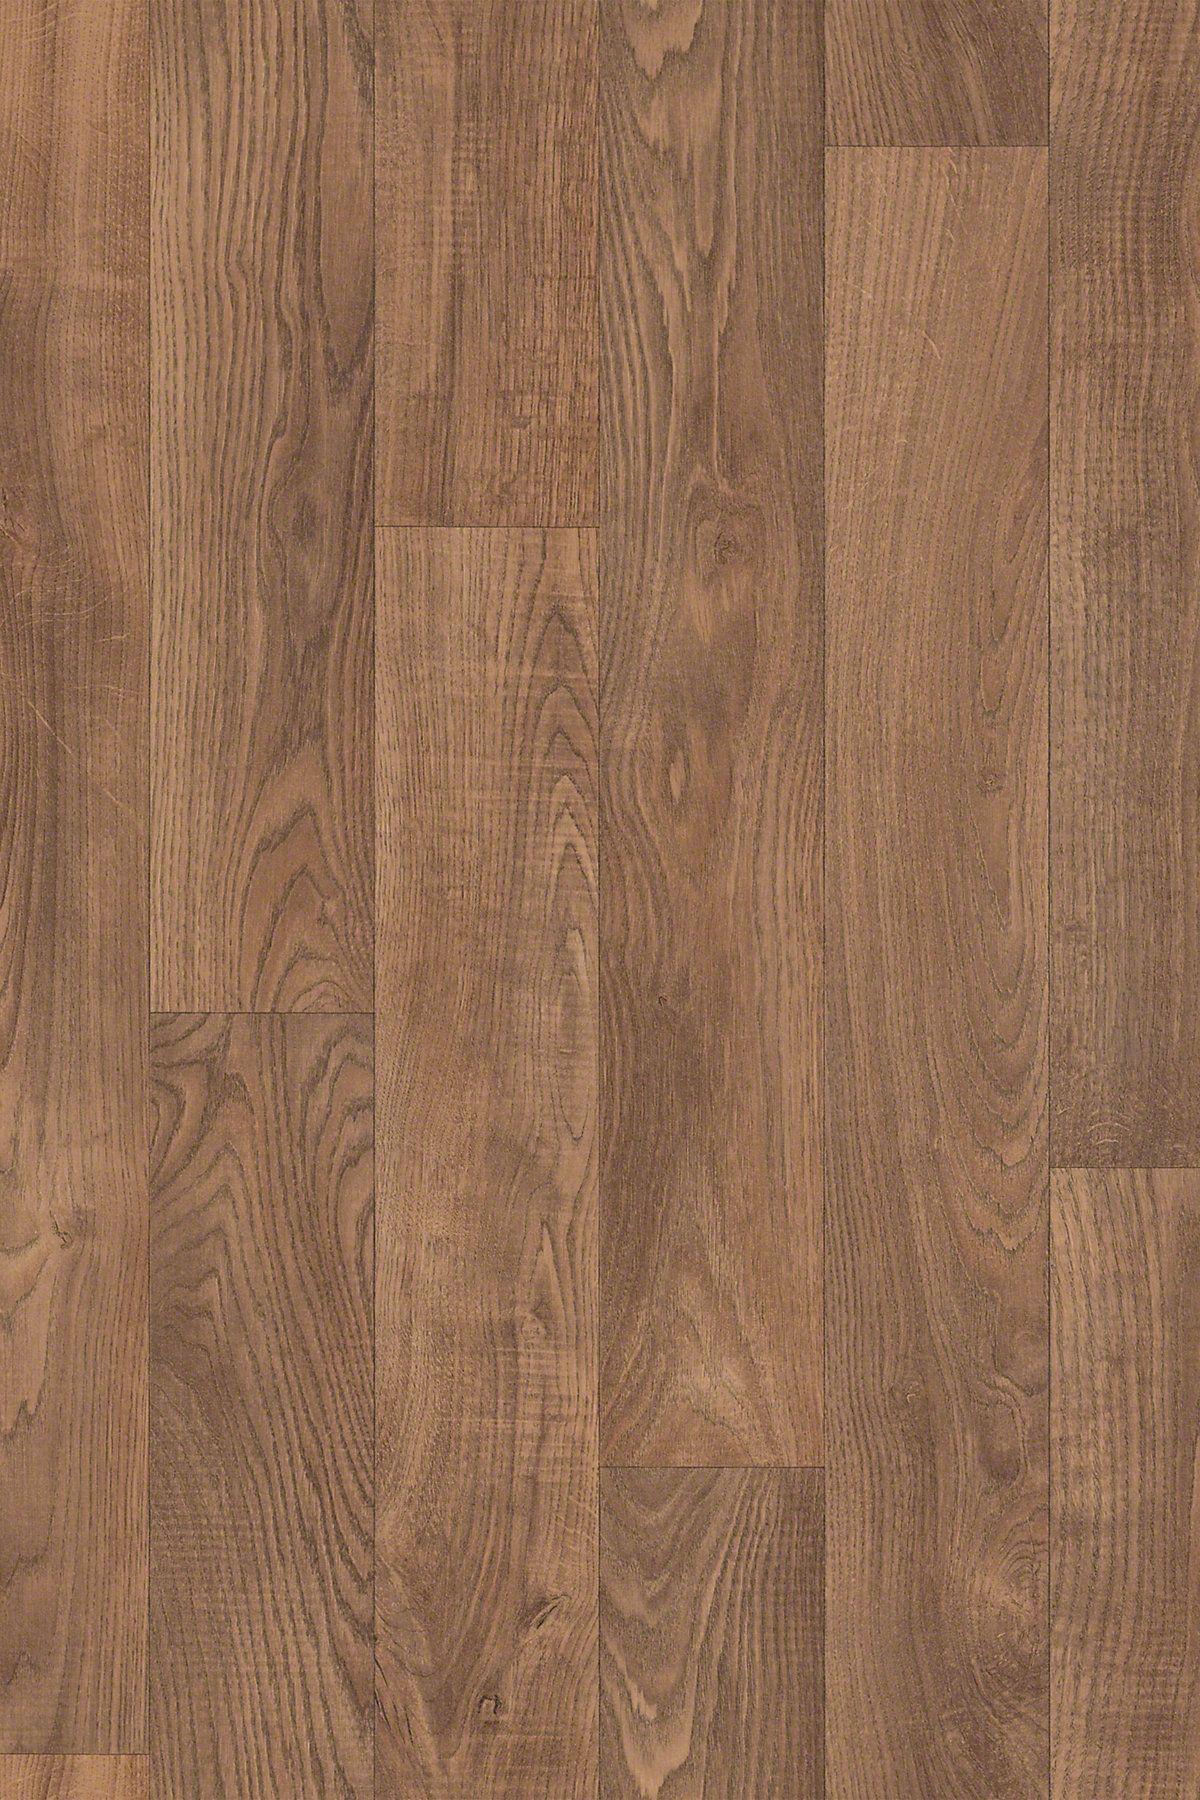 Resilient Vinyl Flooring Vinyl Plank Lvt In 2020 Wood Floor Texture Wood Floor Texture Seamless Wooden Floor Texture